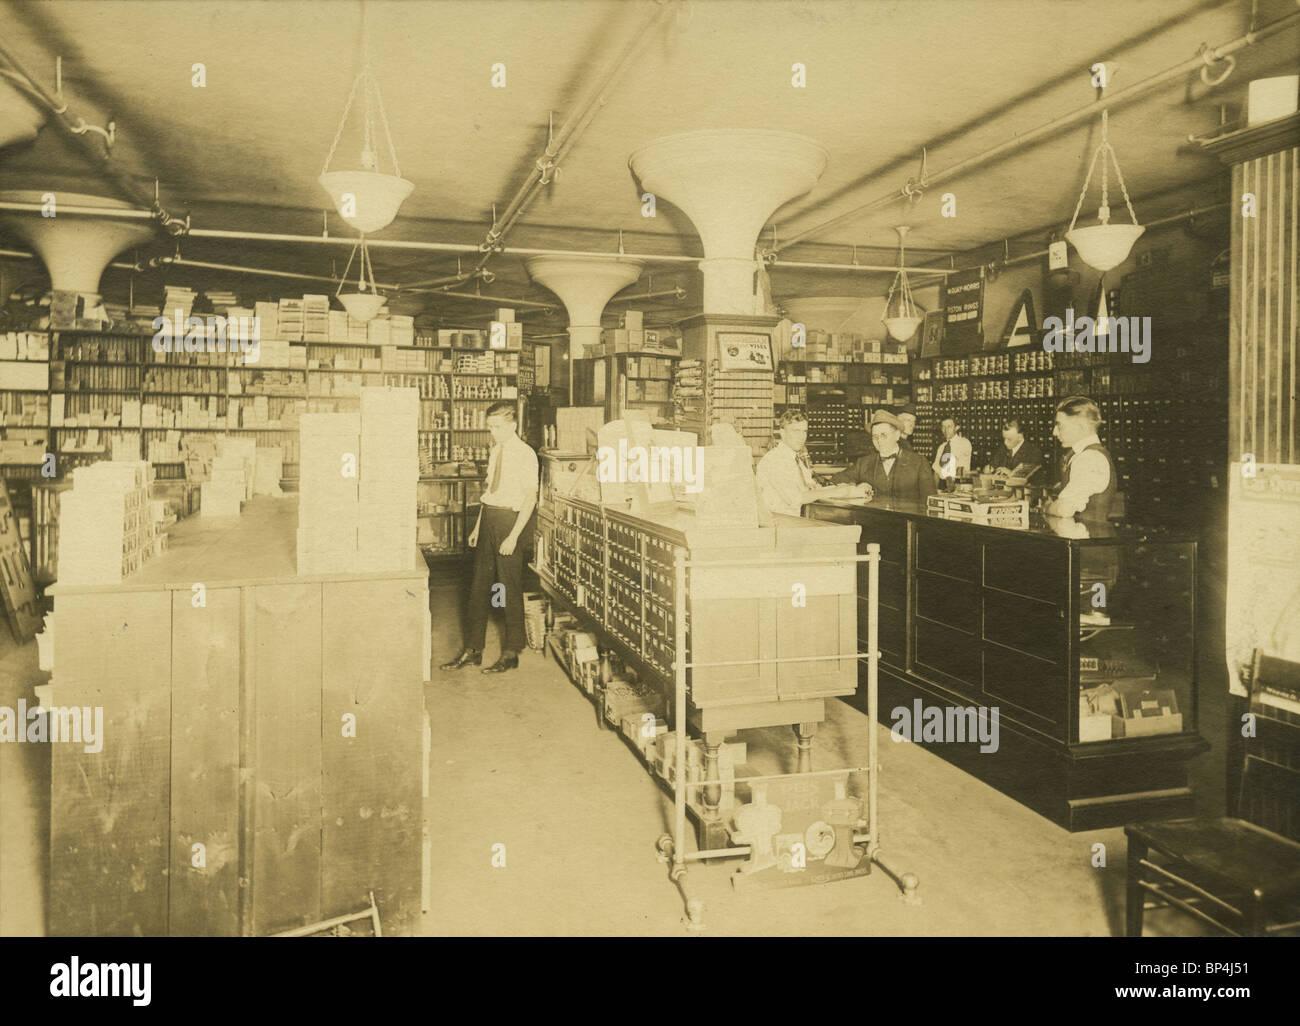 1920 foto de la tienda de suministros y venta al por menor en la Linscott Motor Company, 690 Beacon Street, Boston, Foto de stock